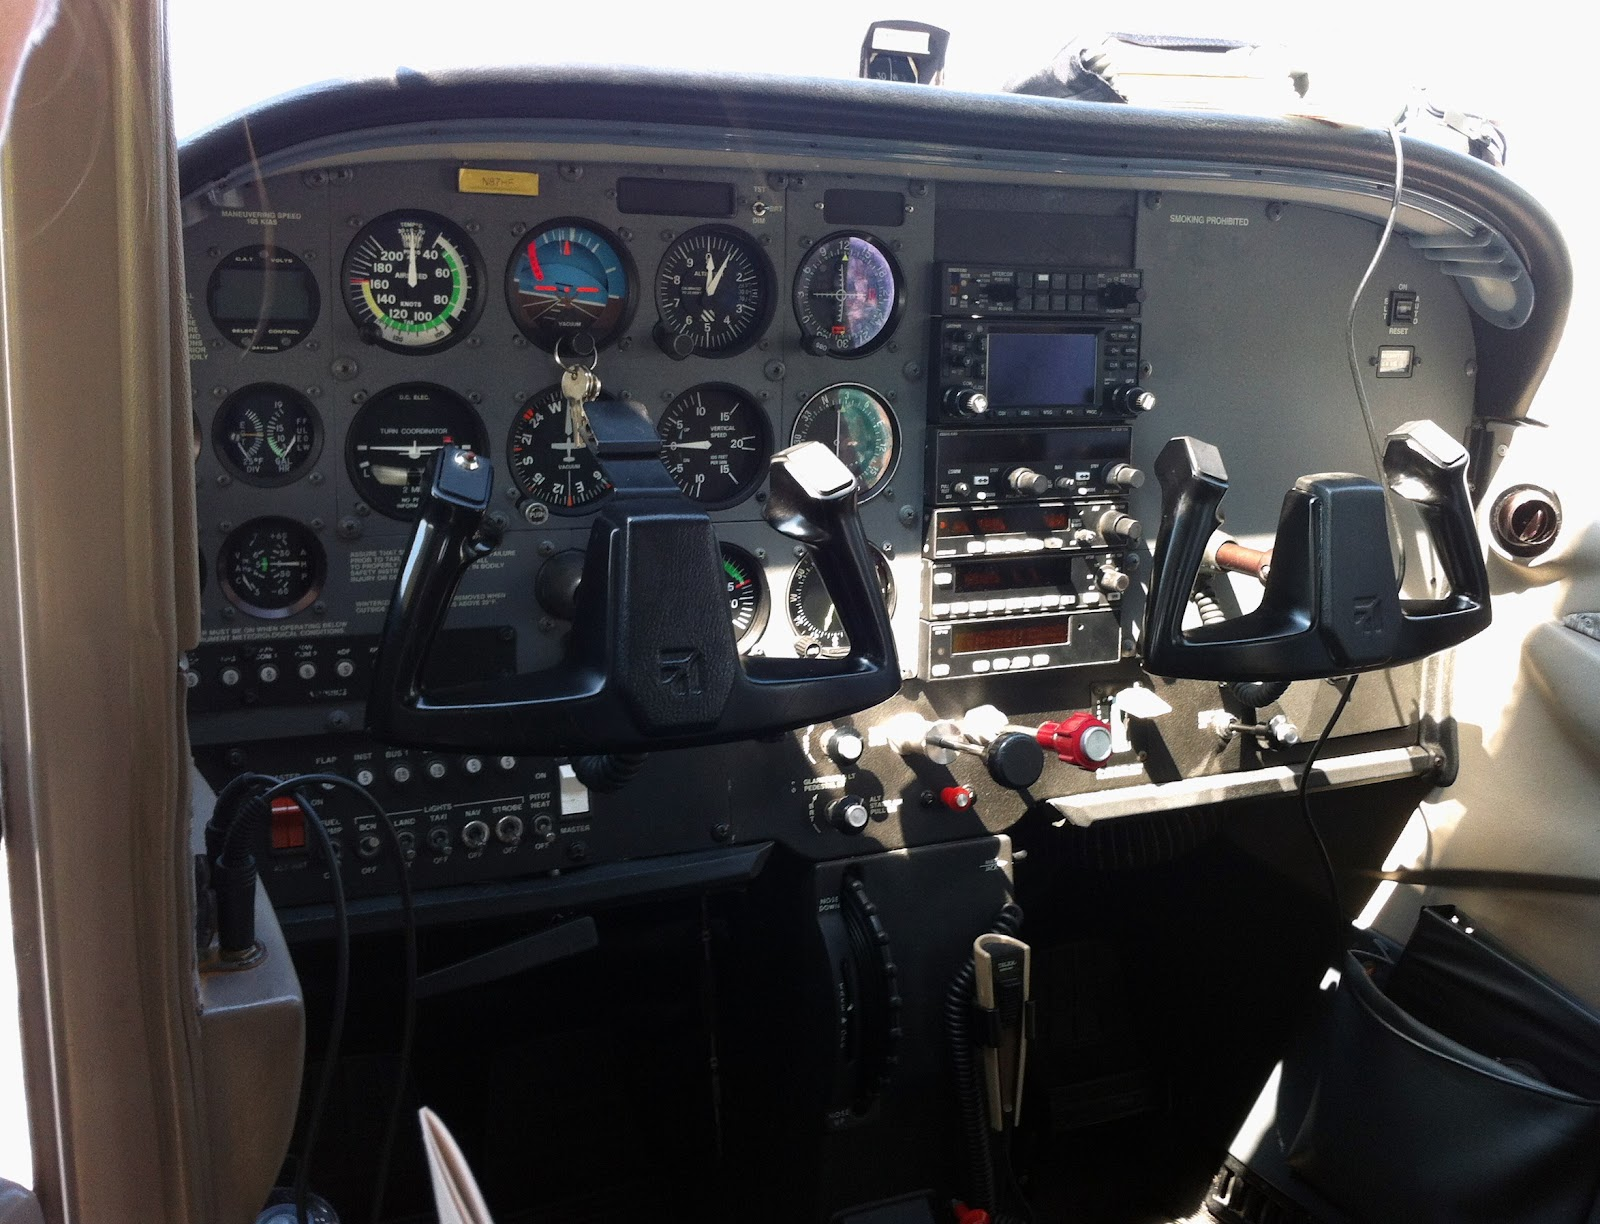 [150-Cessna-Cockpit-Sheva-Apelbaum.jpg]